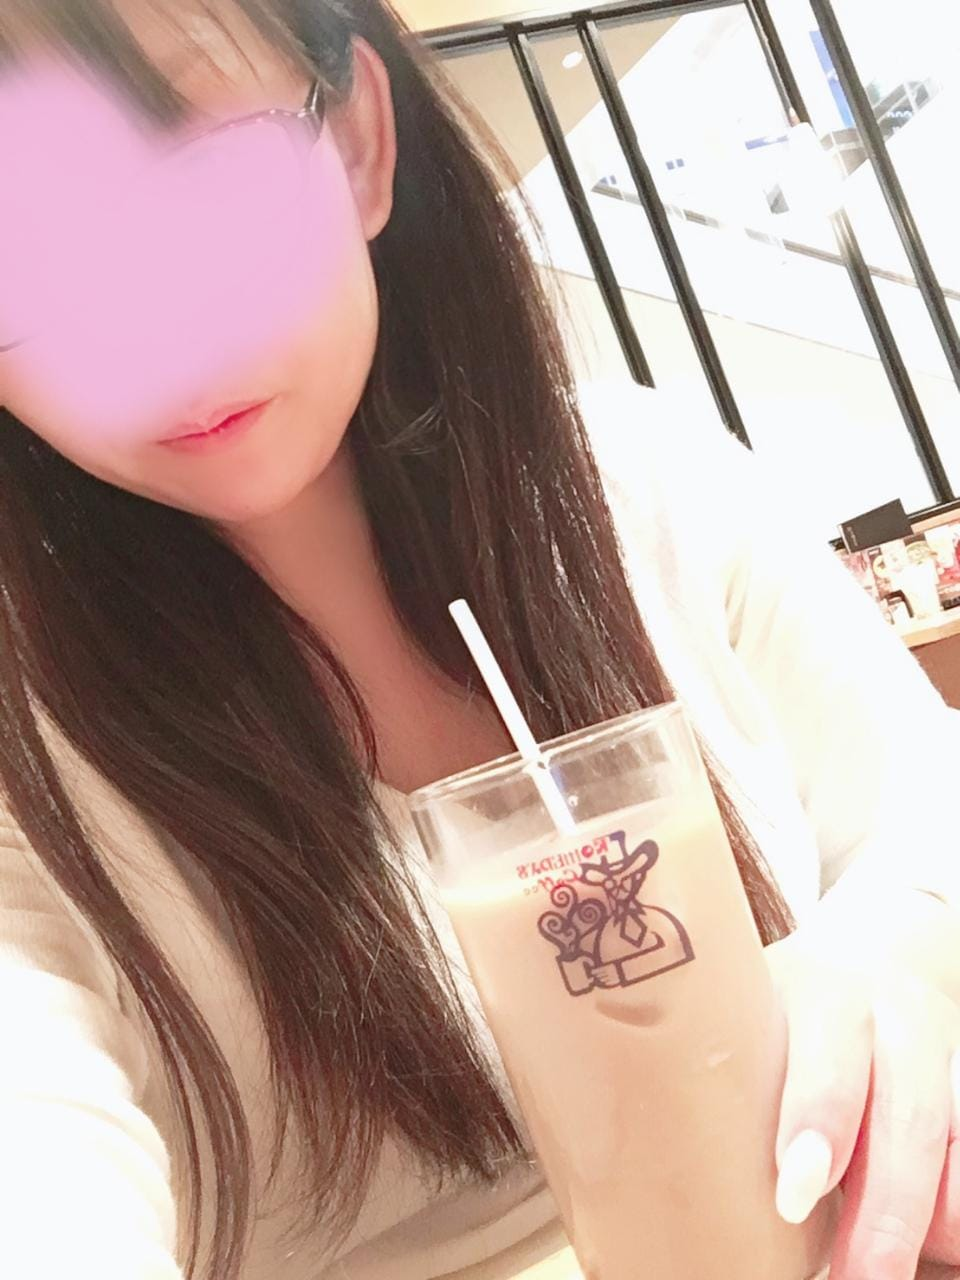 「ふぅ〜。」01/23(木) 12:55 | えまの写メ・風俗動画